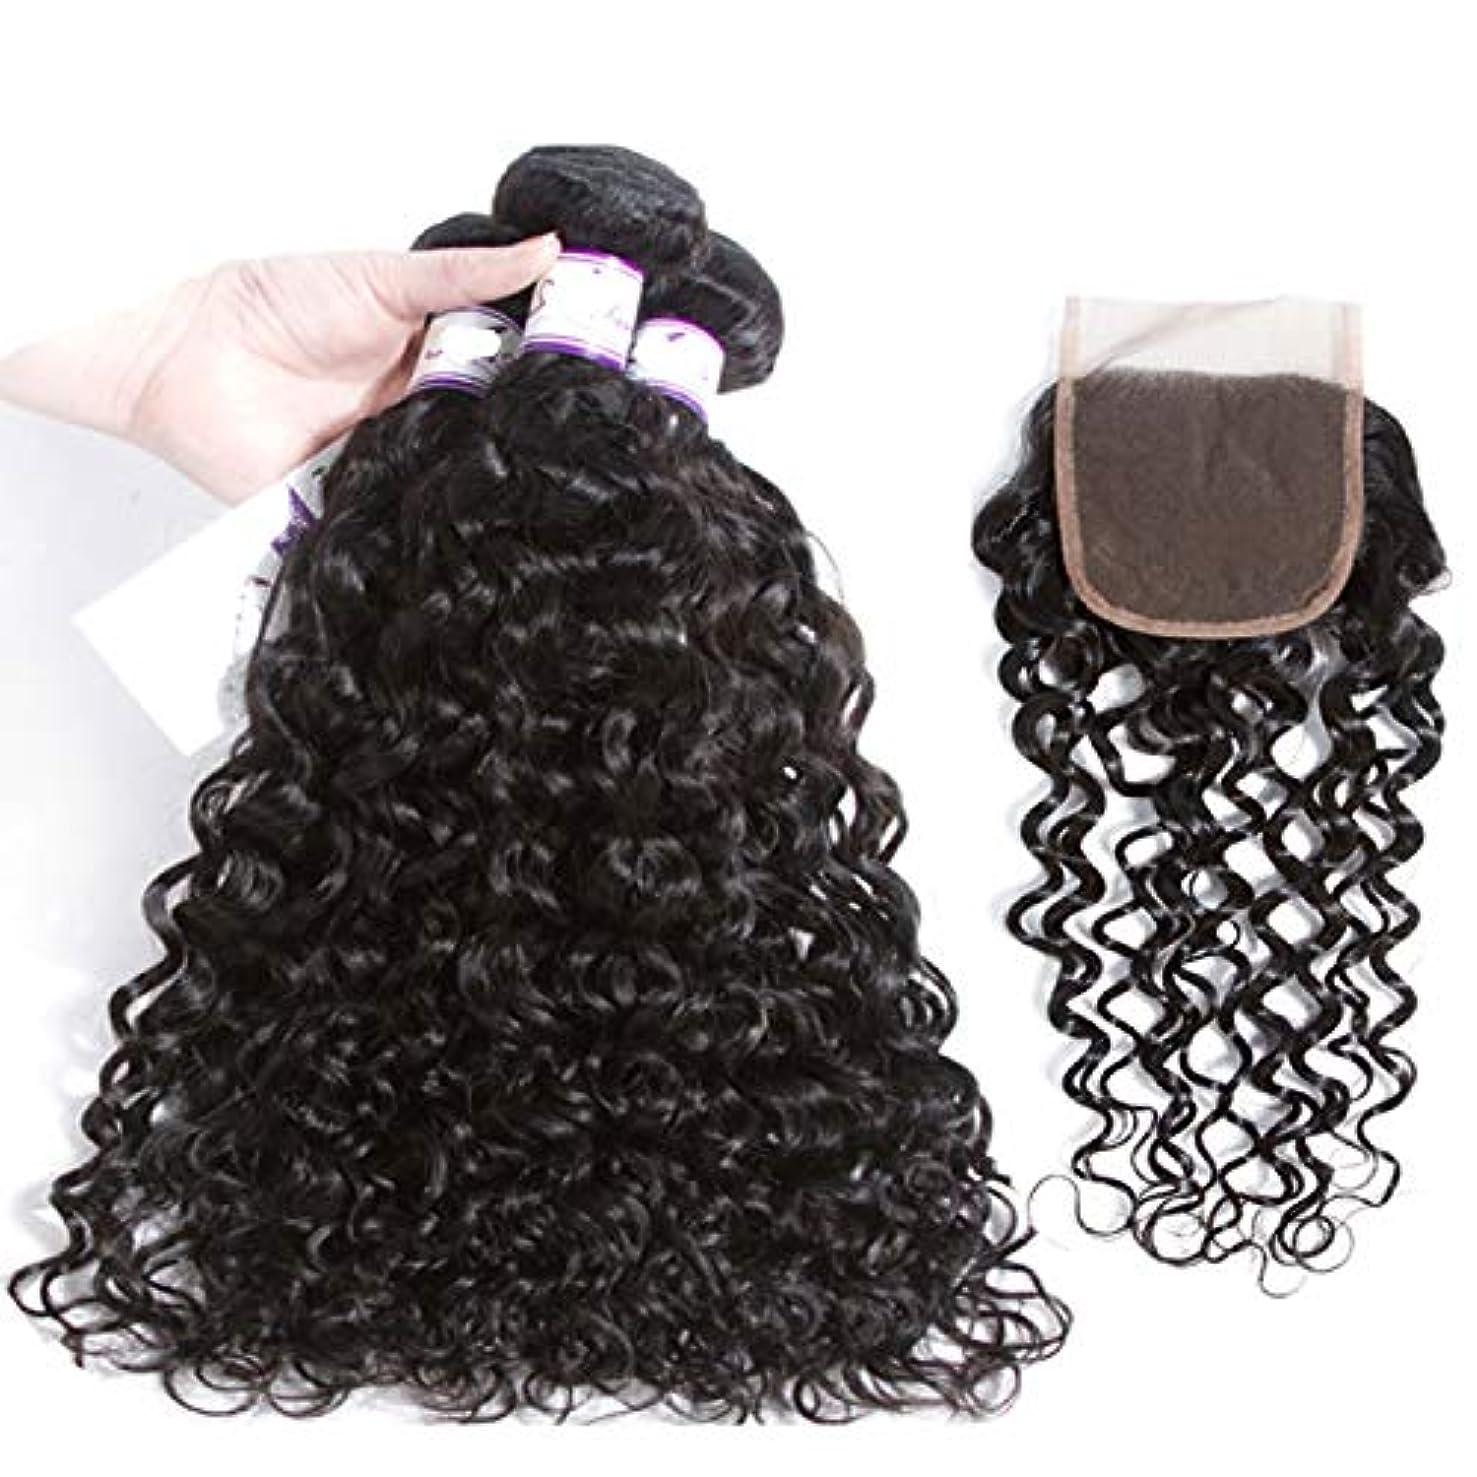 マダム大宇宙フォーク13 * 4閉鎖人間の髪の毛の波3バンドル人間の髪の毛の束 (Length : 18 18 18 Cl14, Part Design : FREE PART)